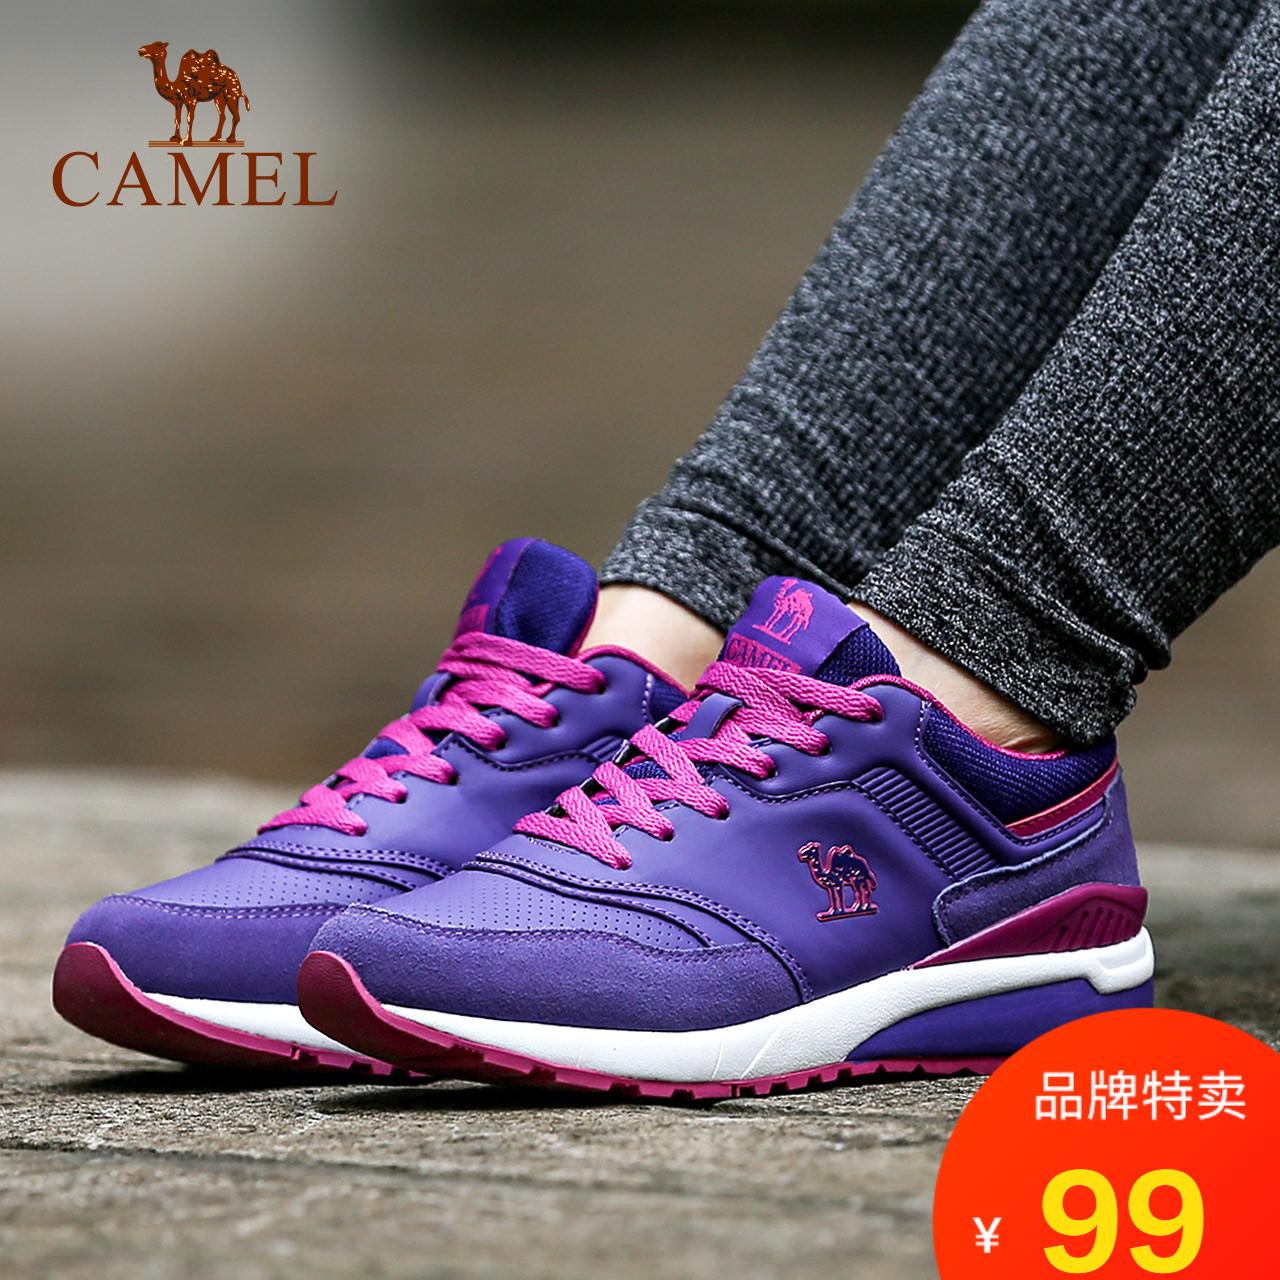 特卖骆驼女鞋运动越野跑鞋户外休闲运动鞋耐磨透气减震跑步鞋